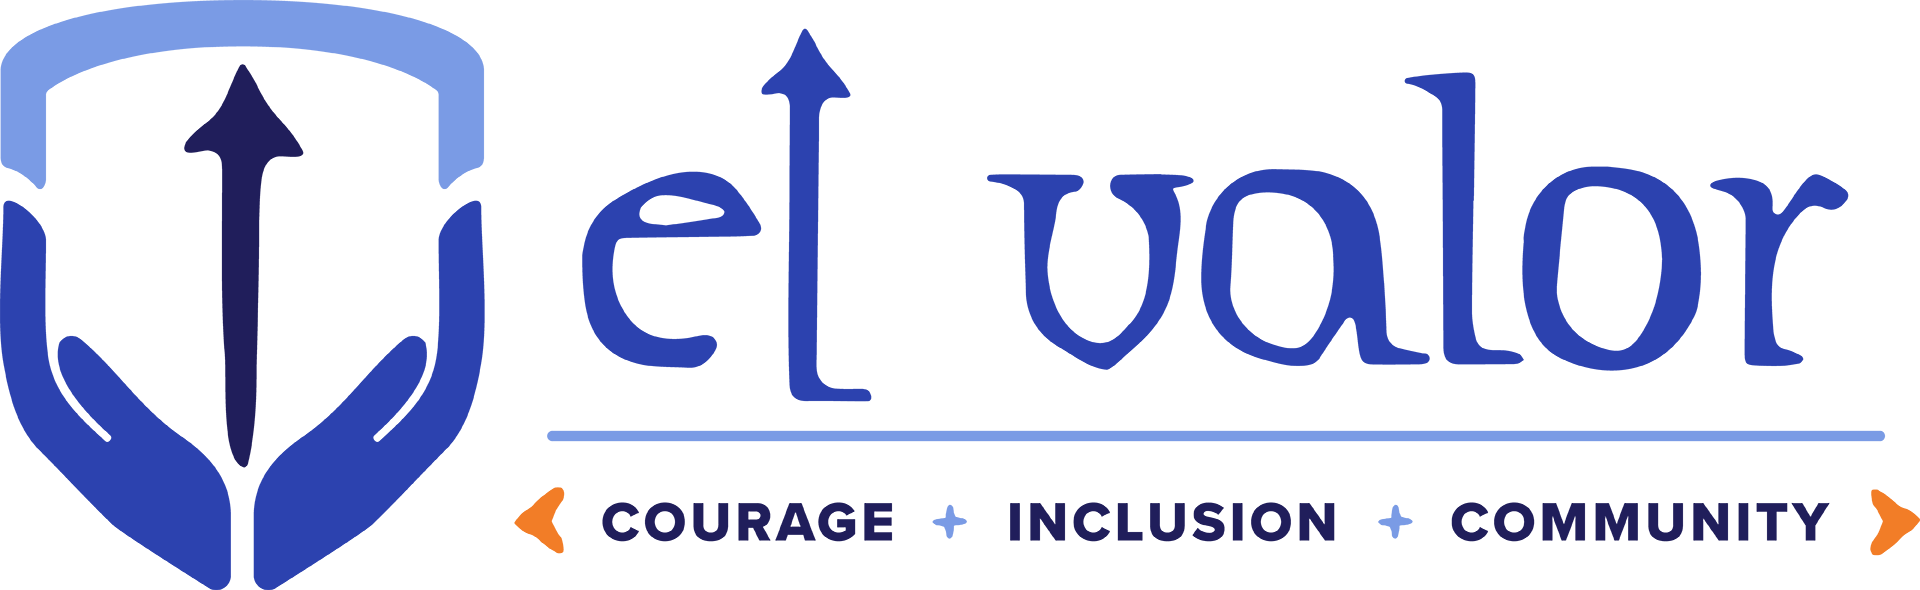 El Valor Logo